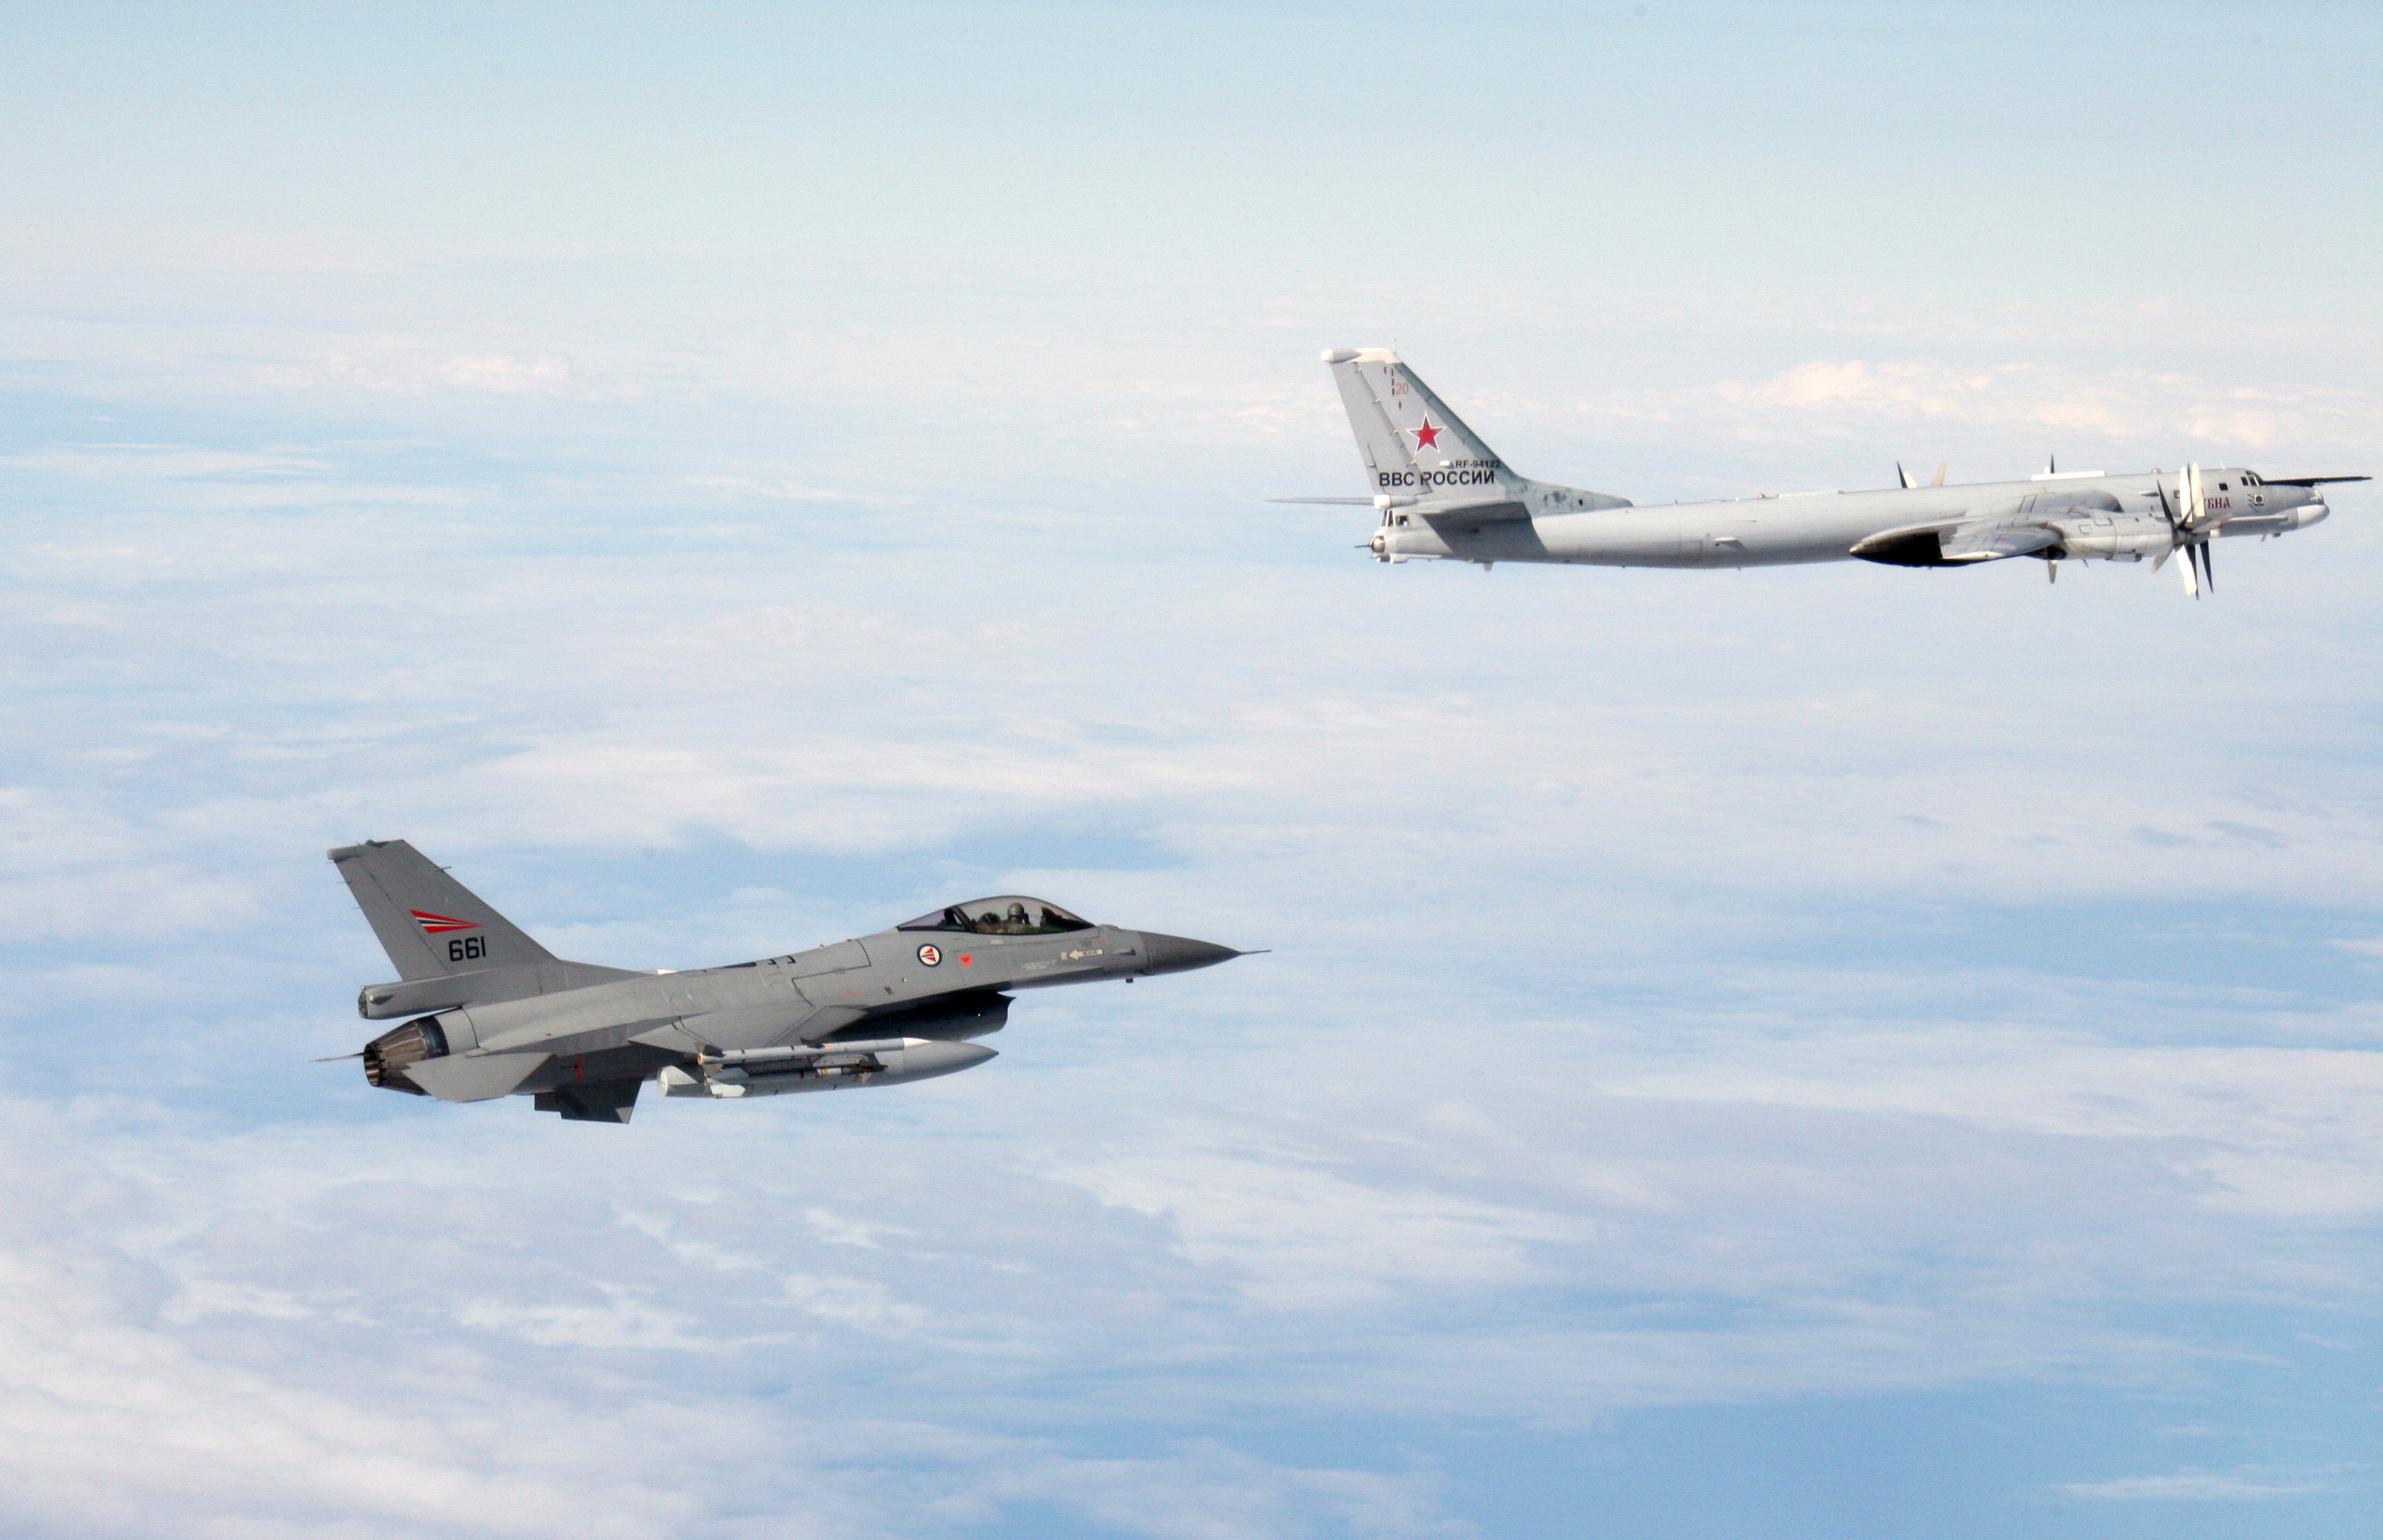 Image for Военные самолеты в нашем воздушном пространстве: раздражитель, угроза или опасность?